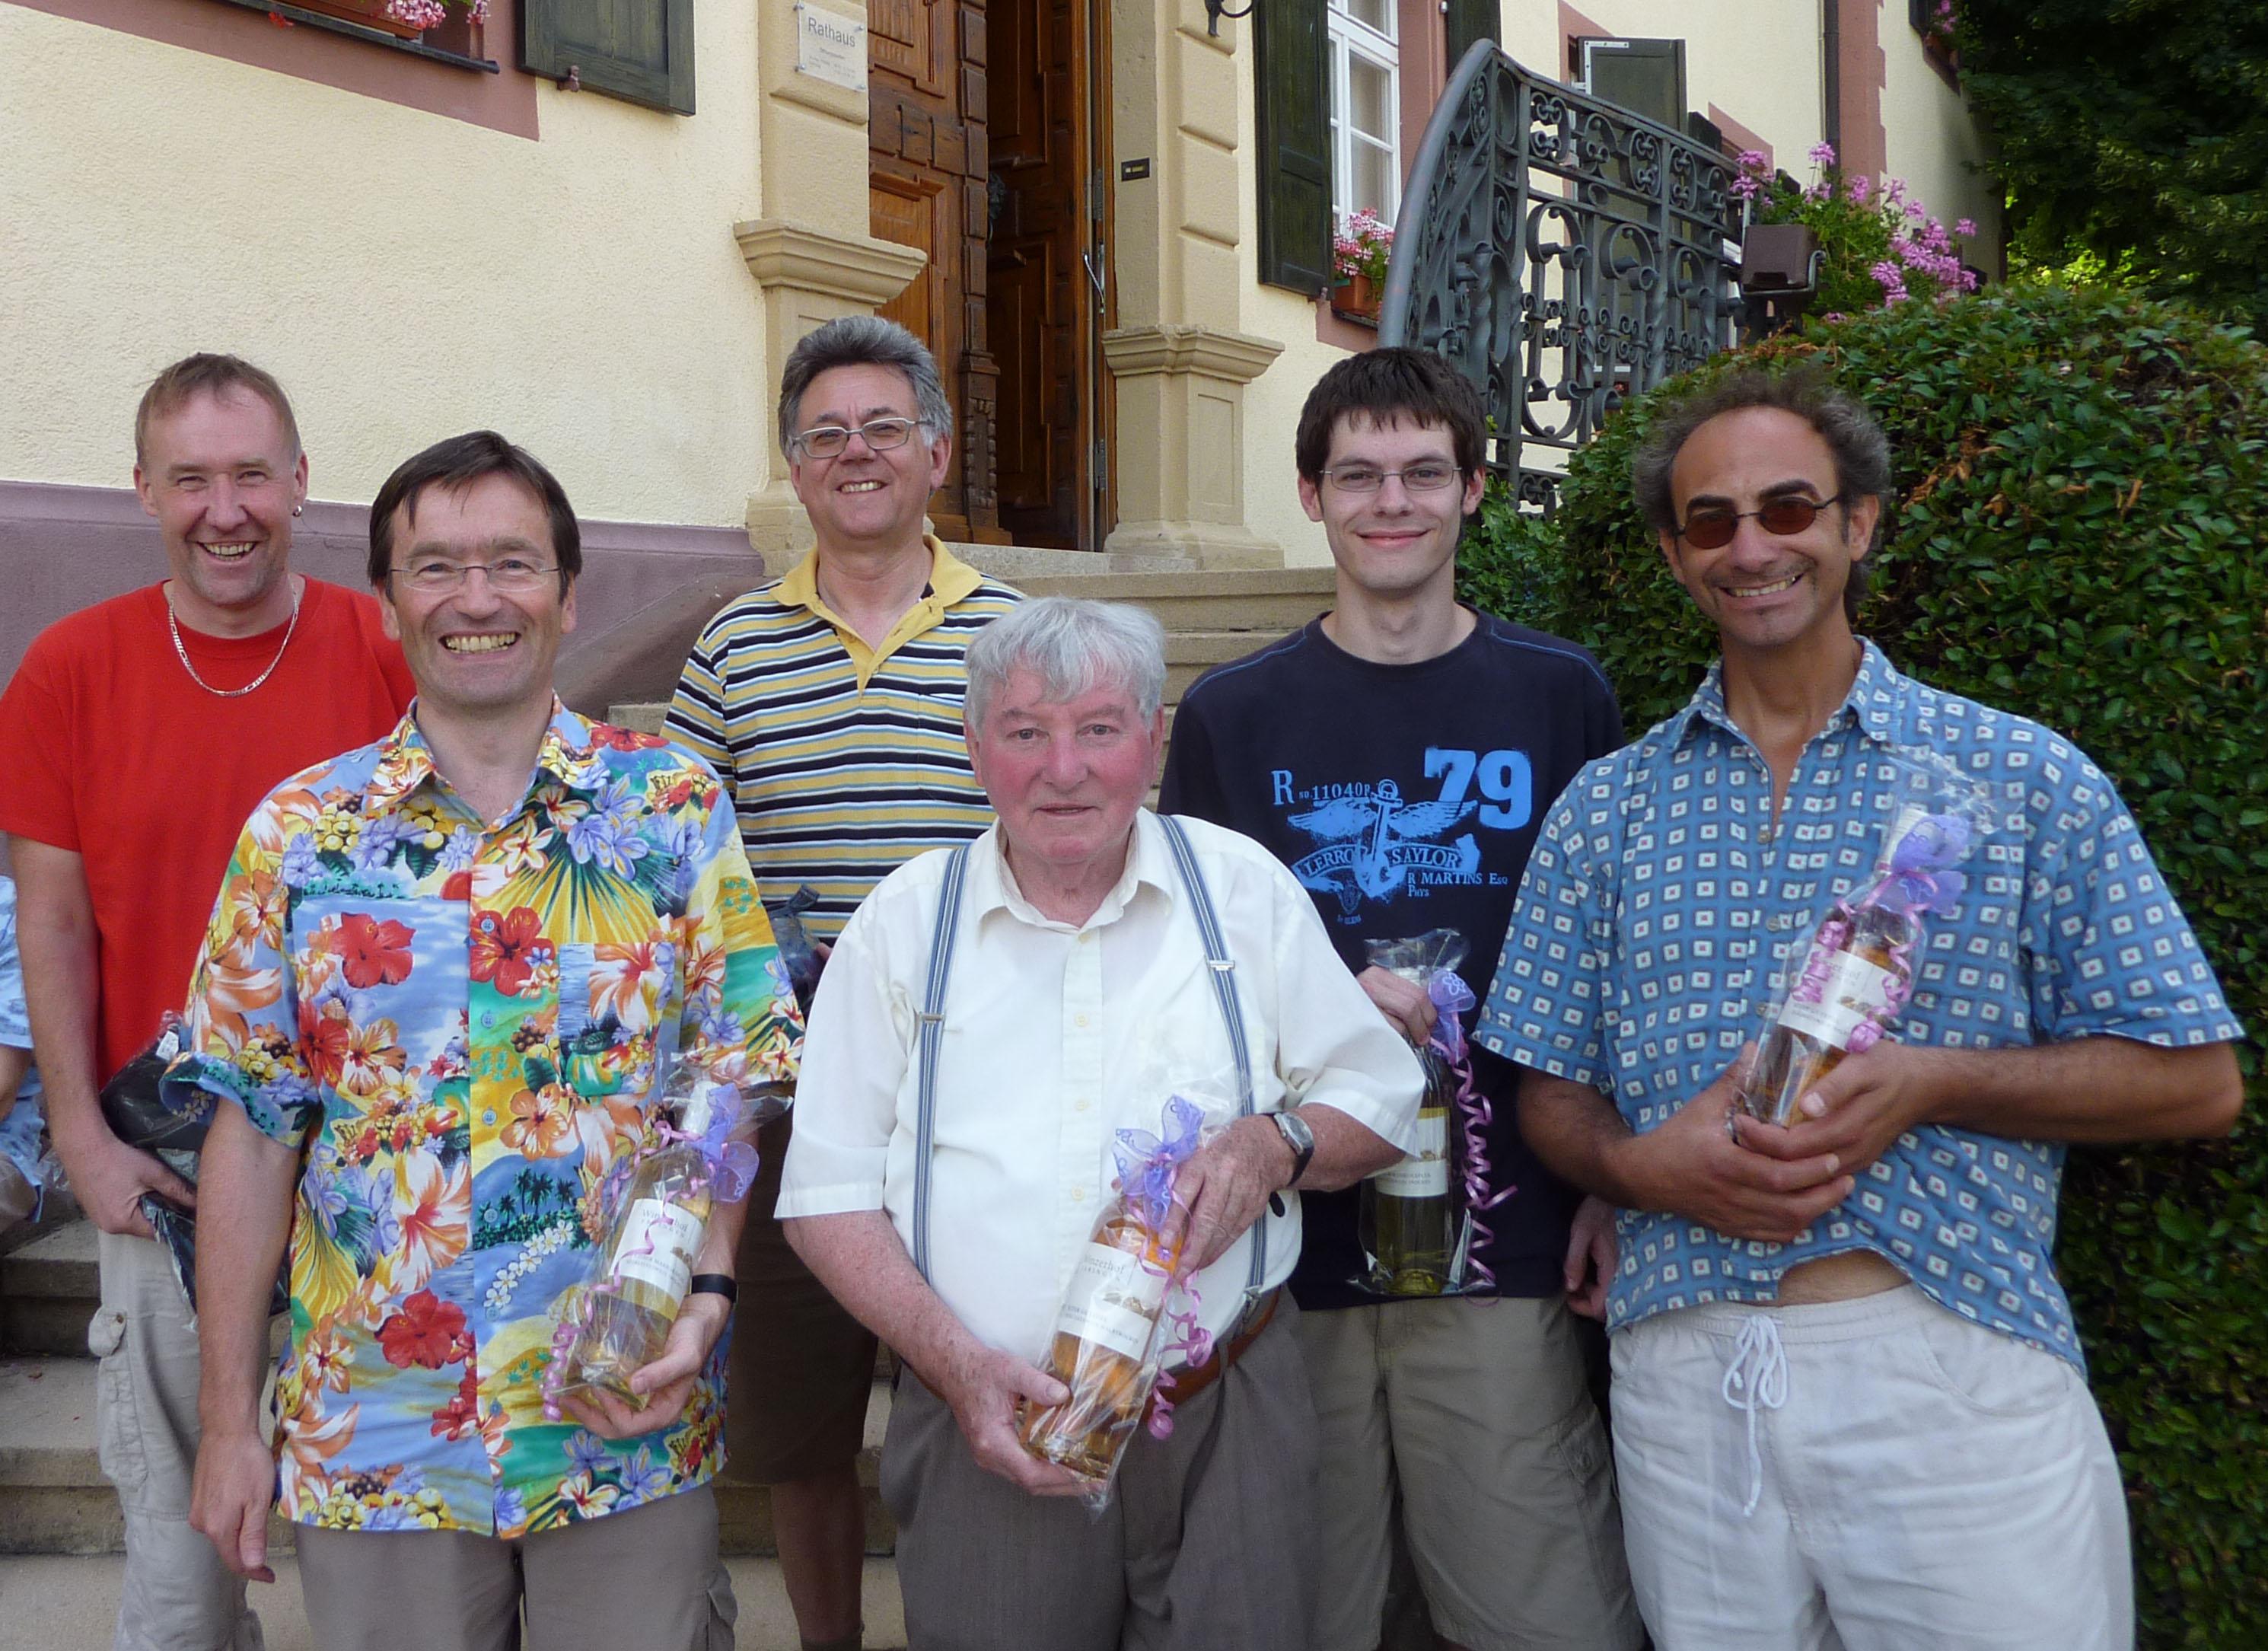 Die glücklichen Preisträger v.l.n.r. Peter Pauk, Bernd Banken, Gerhard Prill, Heinz Strinitz, Daniel Prill und Eddi Kais.